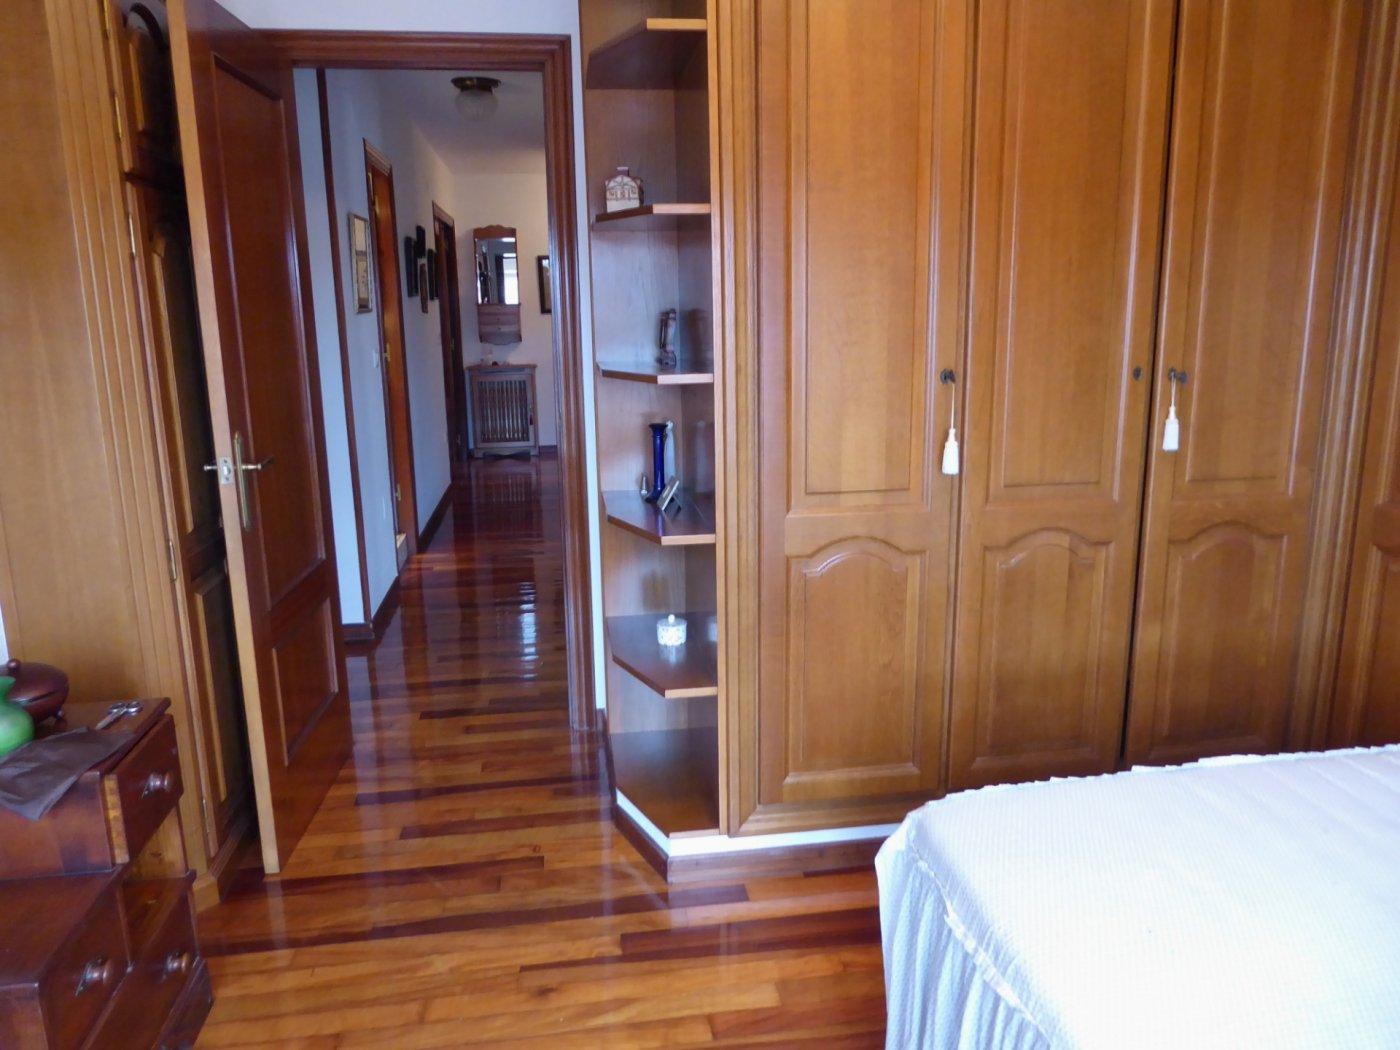 Alquiler de piso en gijon - imagenInmueble8